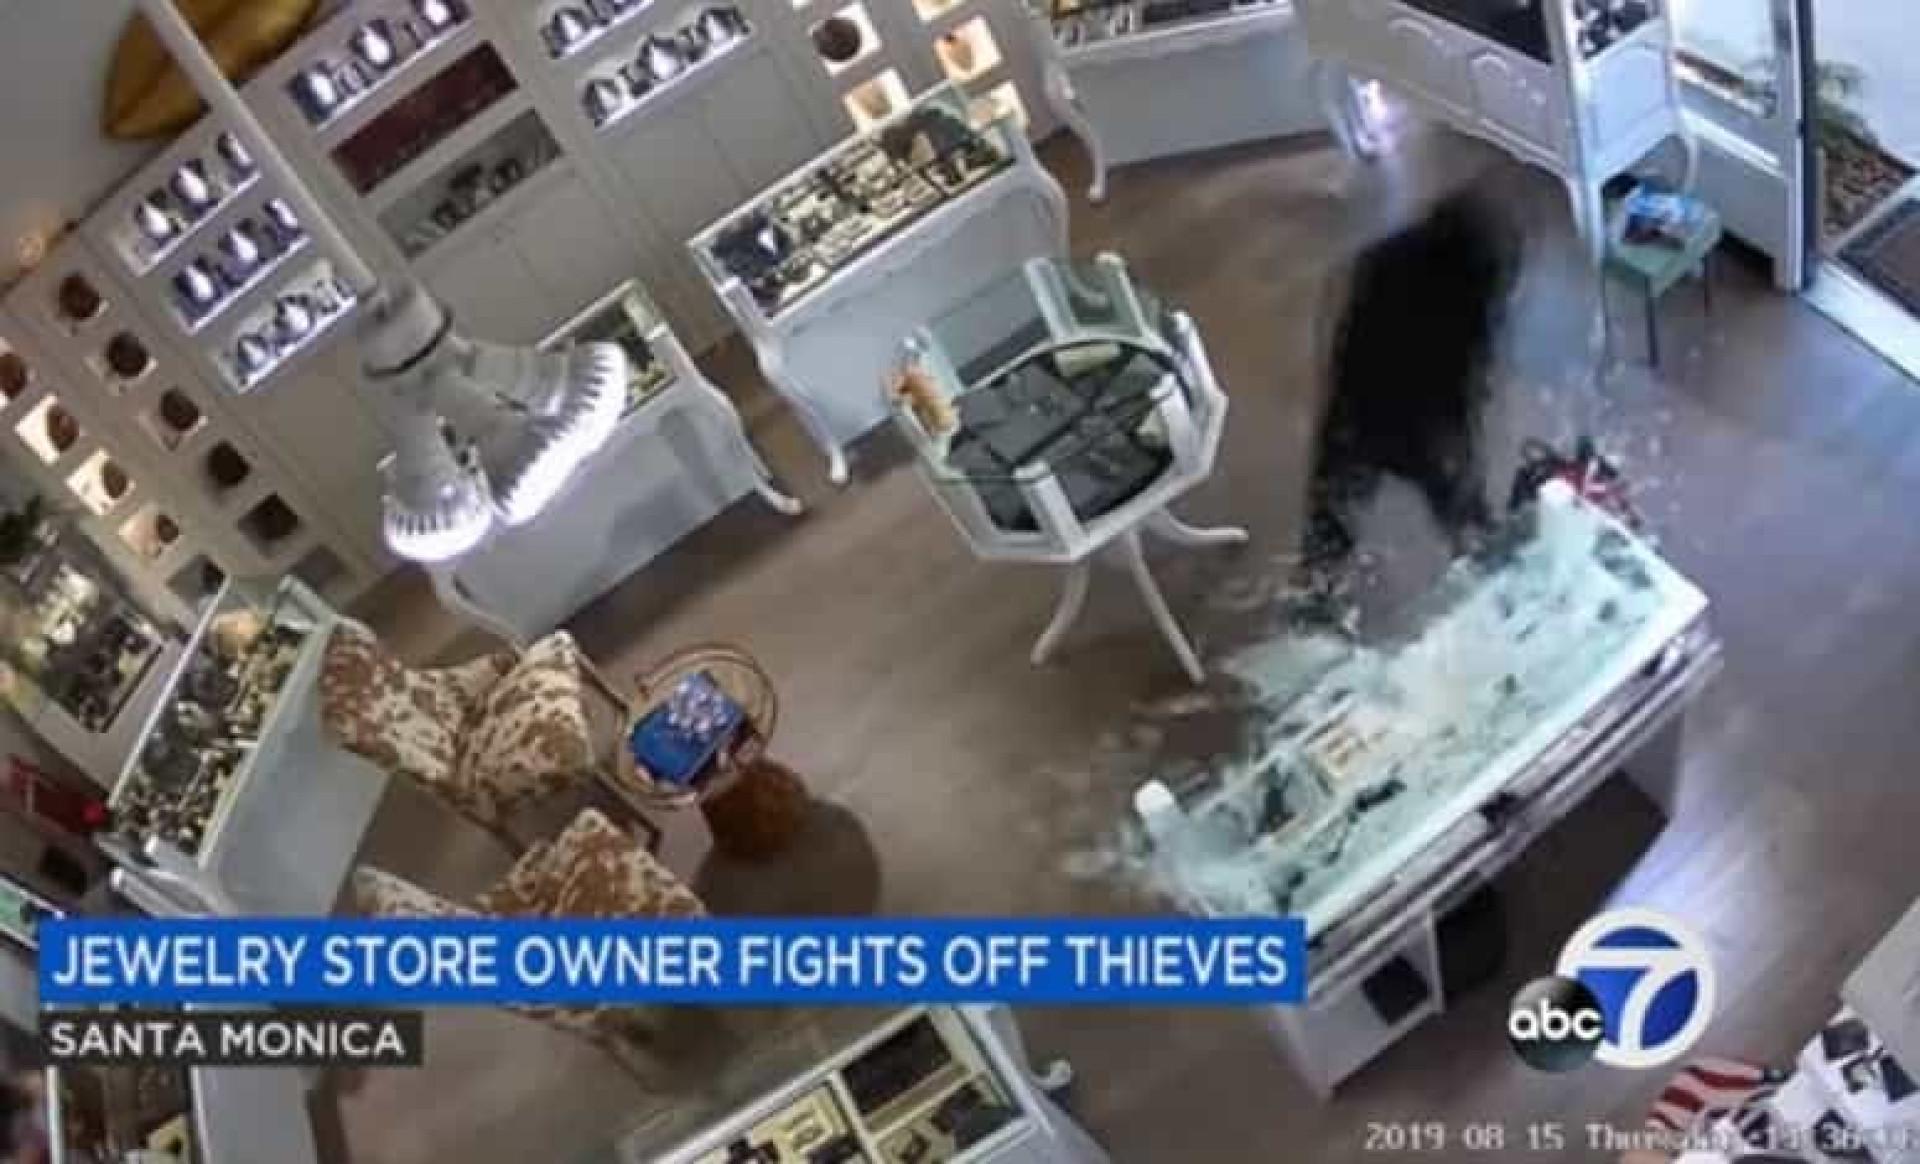 Dono de joalharia faz frente a assaltantes armados com marretas